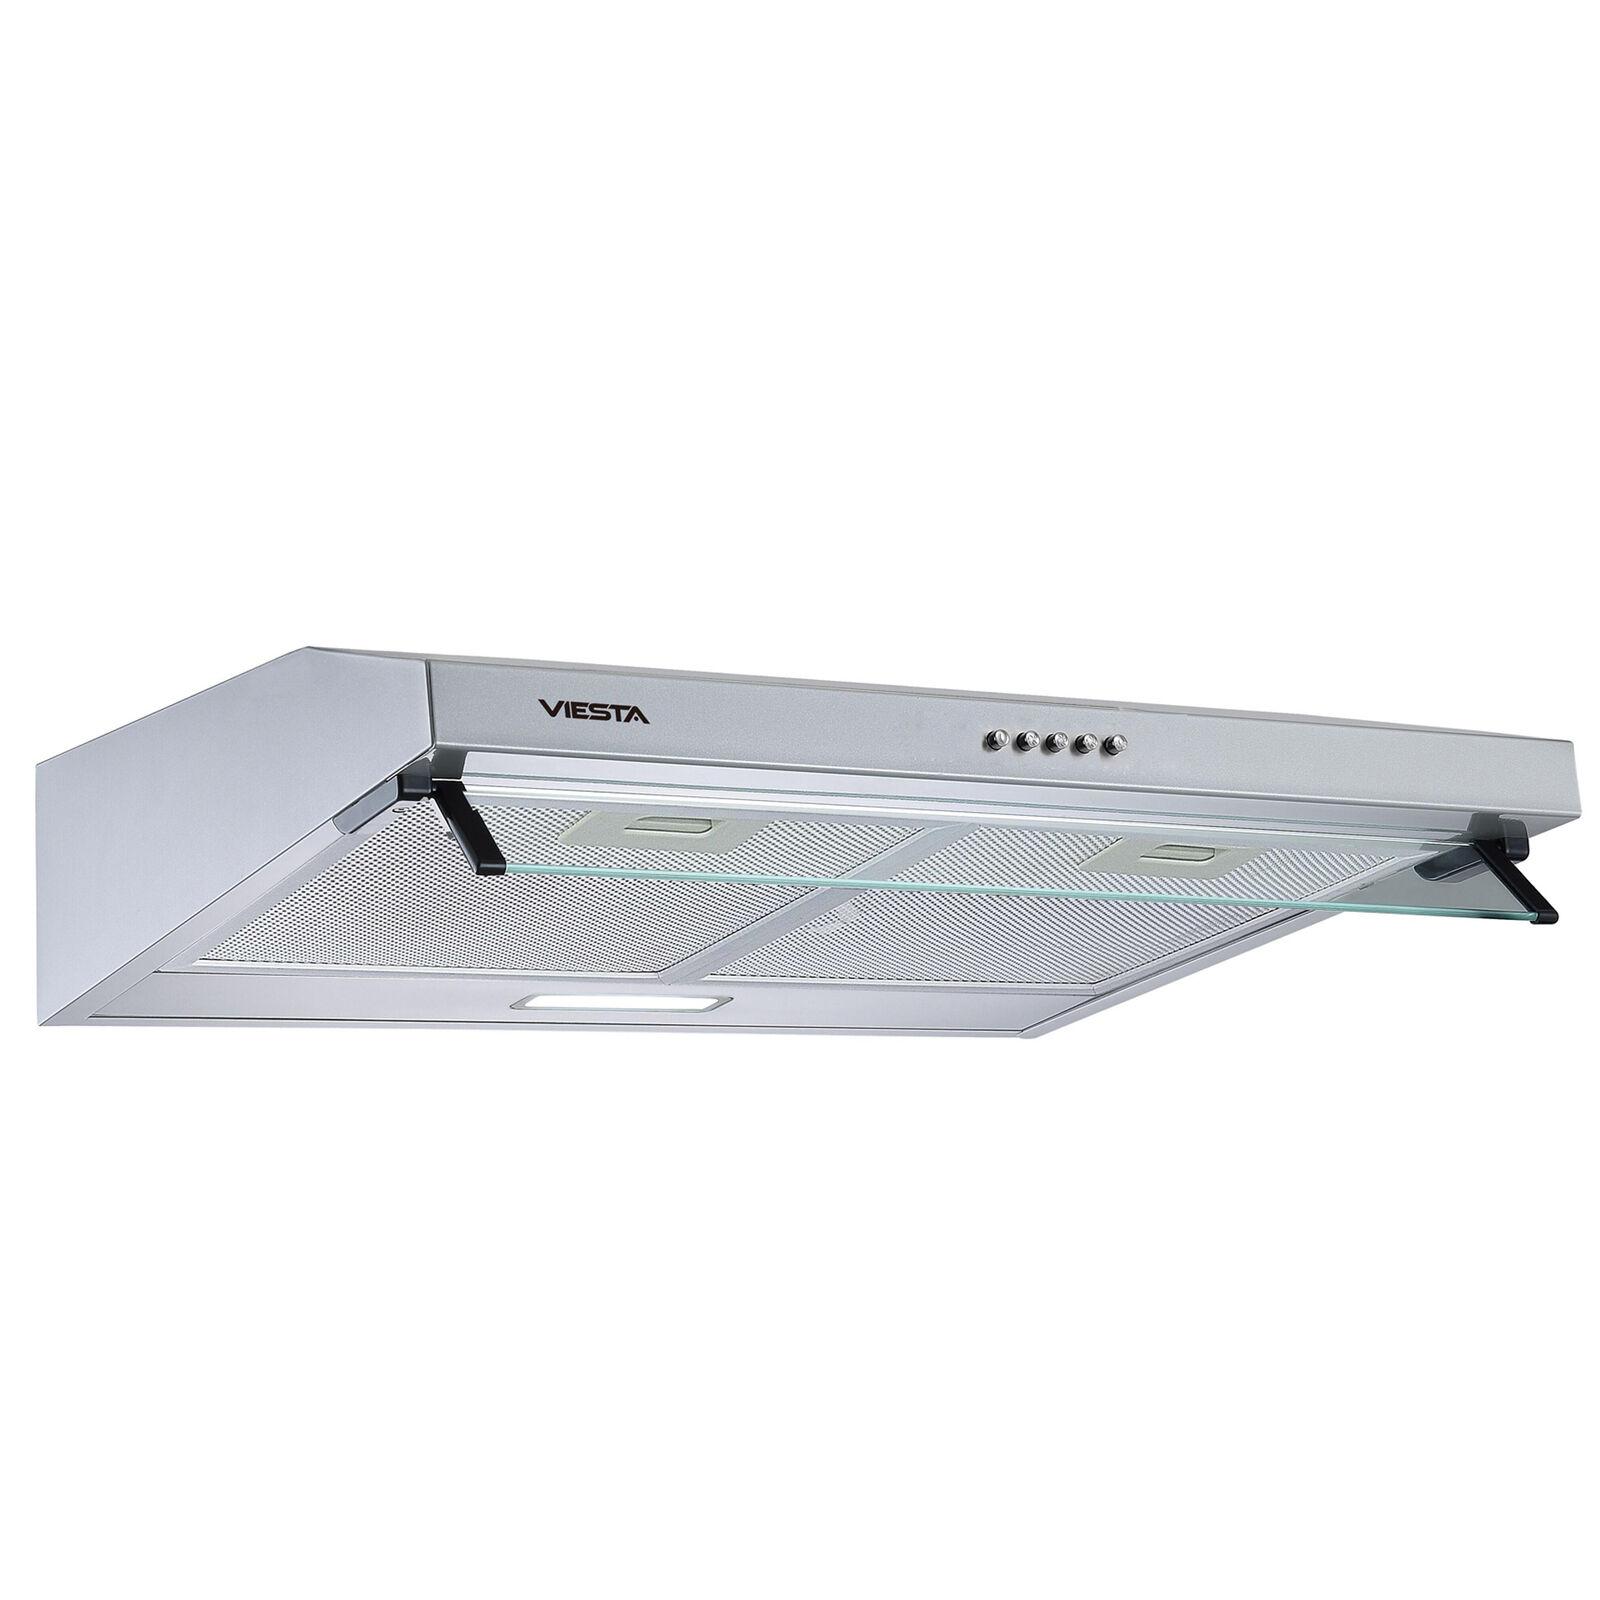 VIESTA Unterbauhaube Dunstabzugshaube 60cm & LED, Abluft & Umluft, Edelstahl